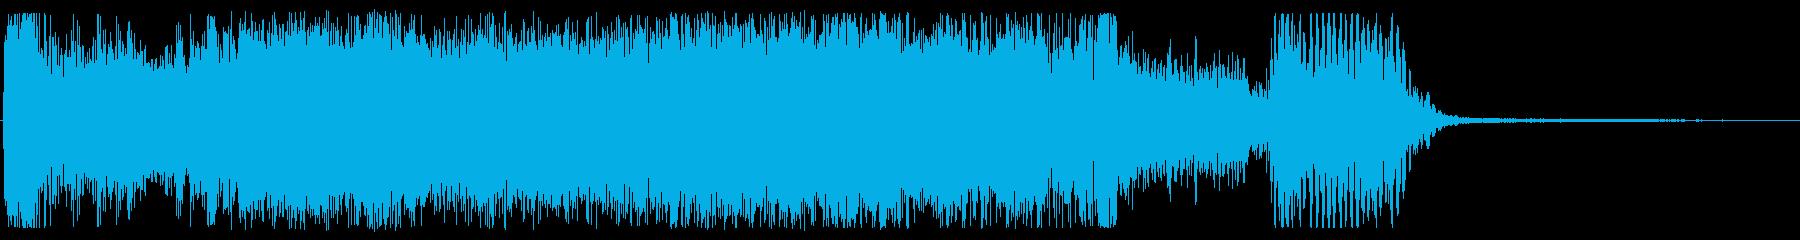 エナジーコア、サーボエレクトリック...の再生済みの波形